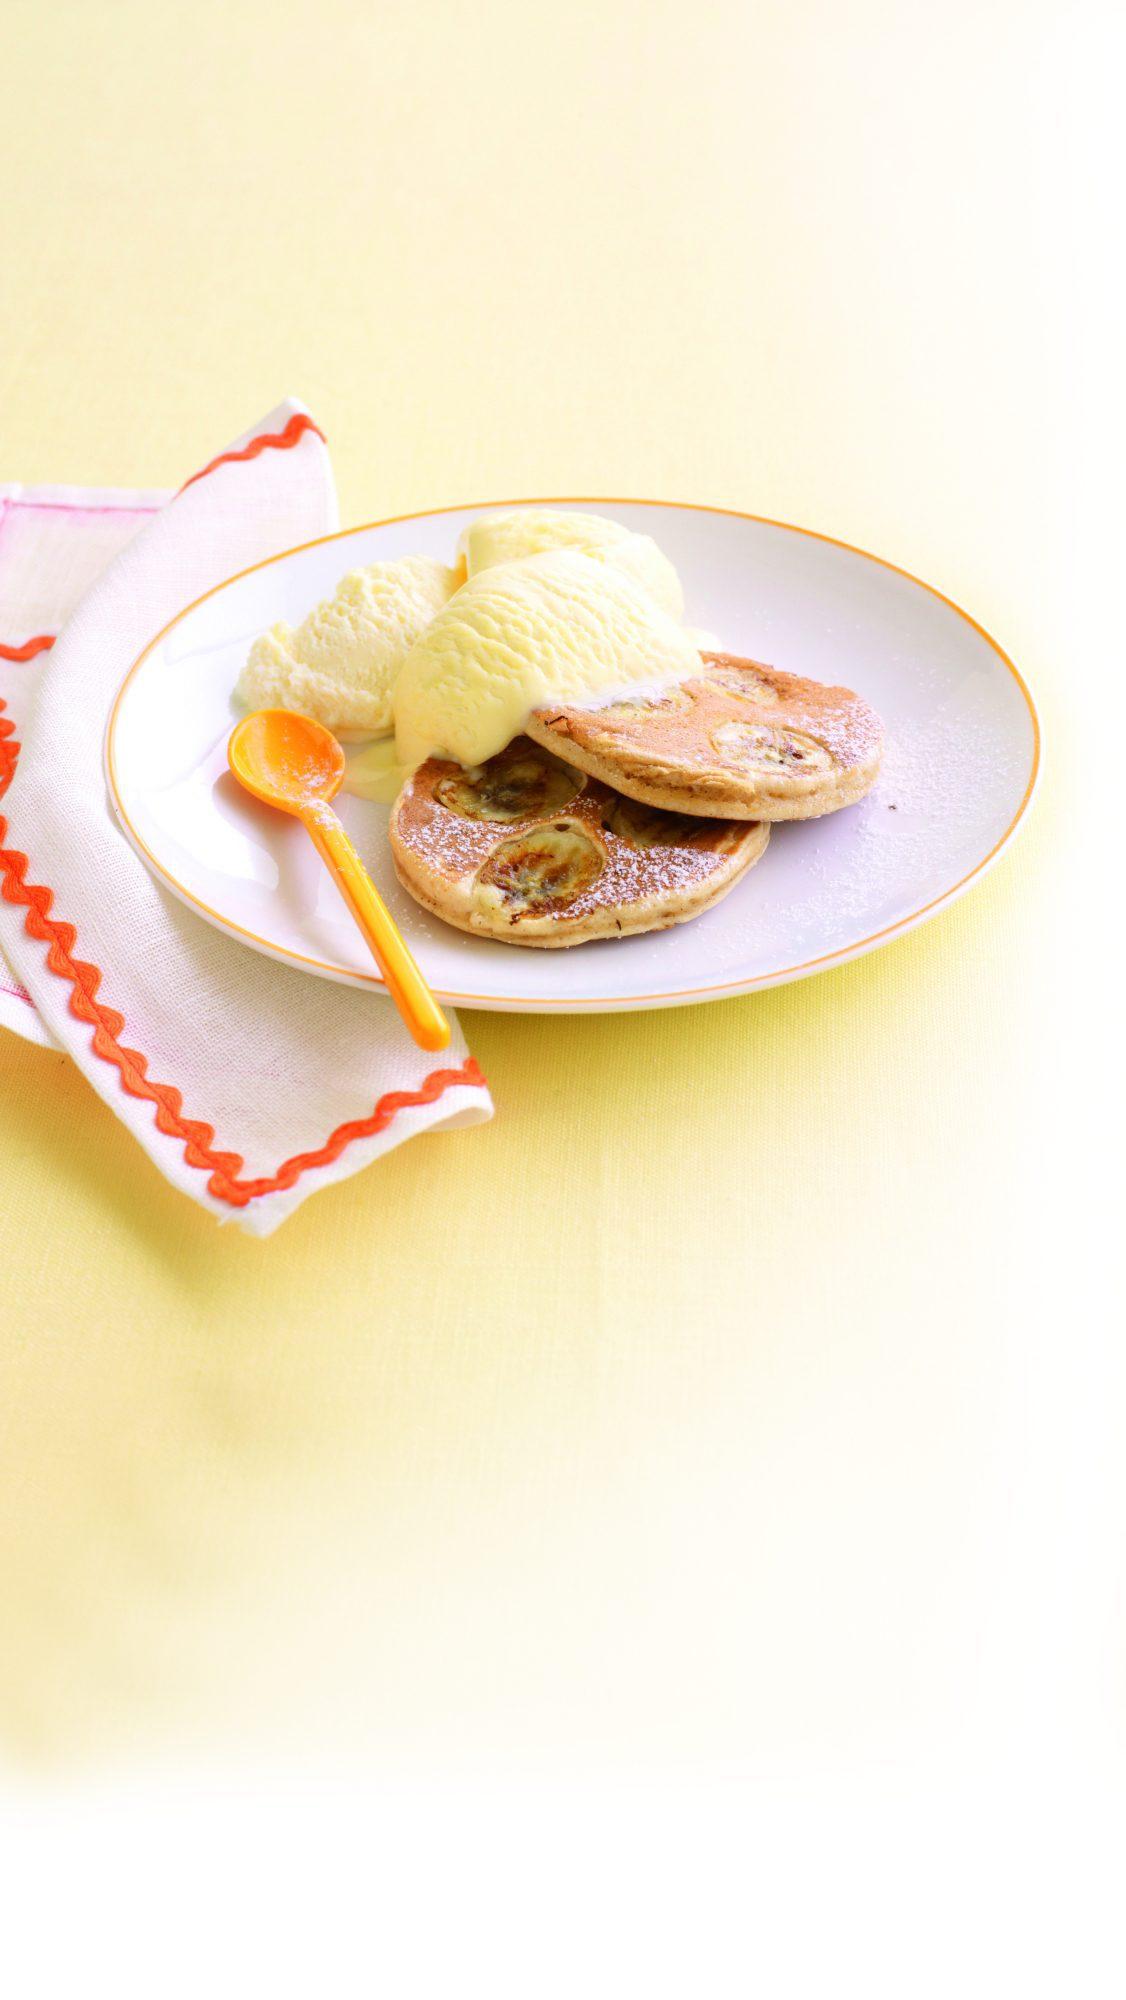 Cinnamon and banana pikelets